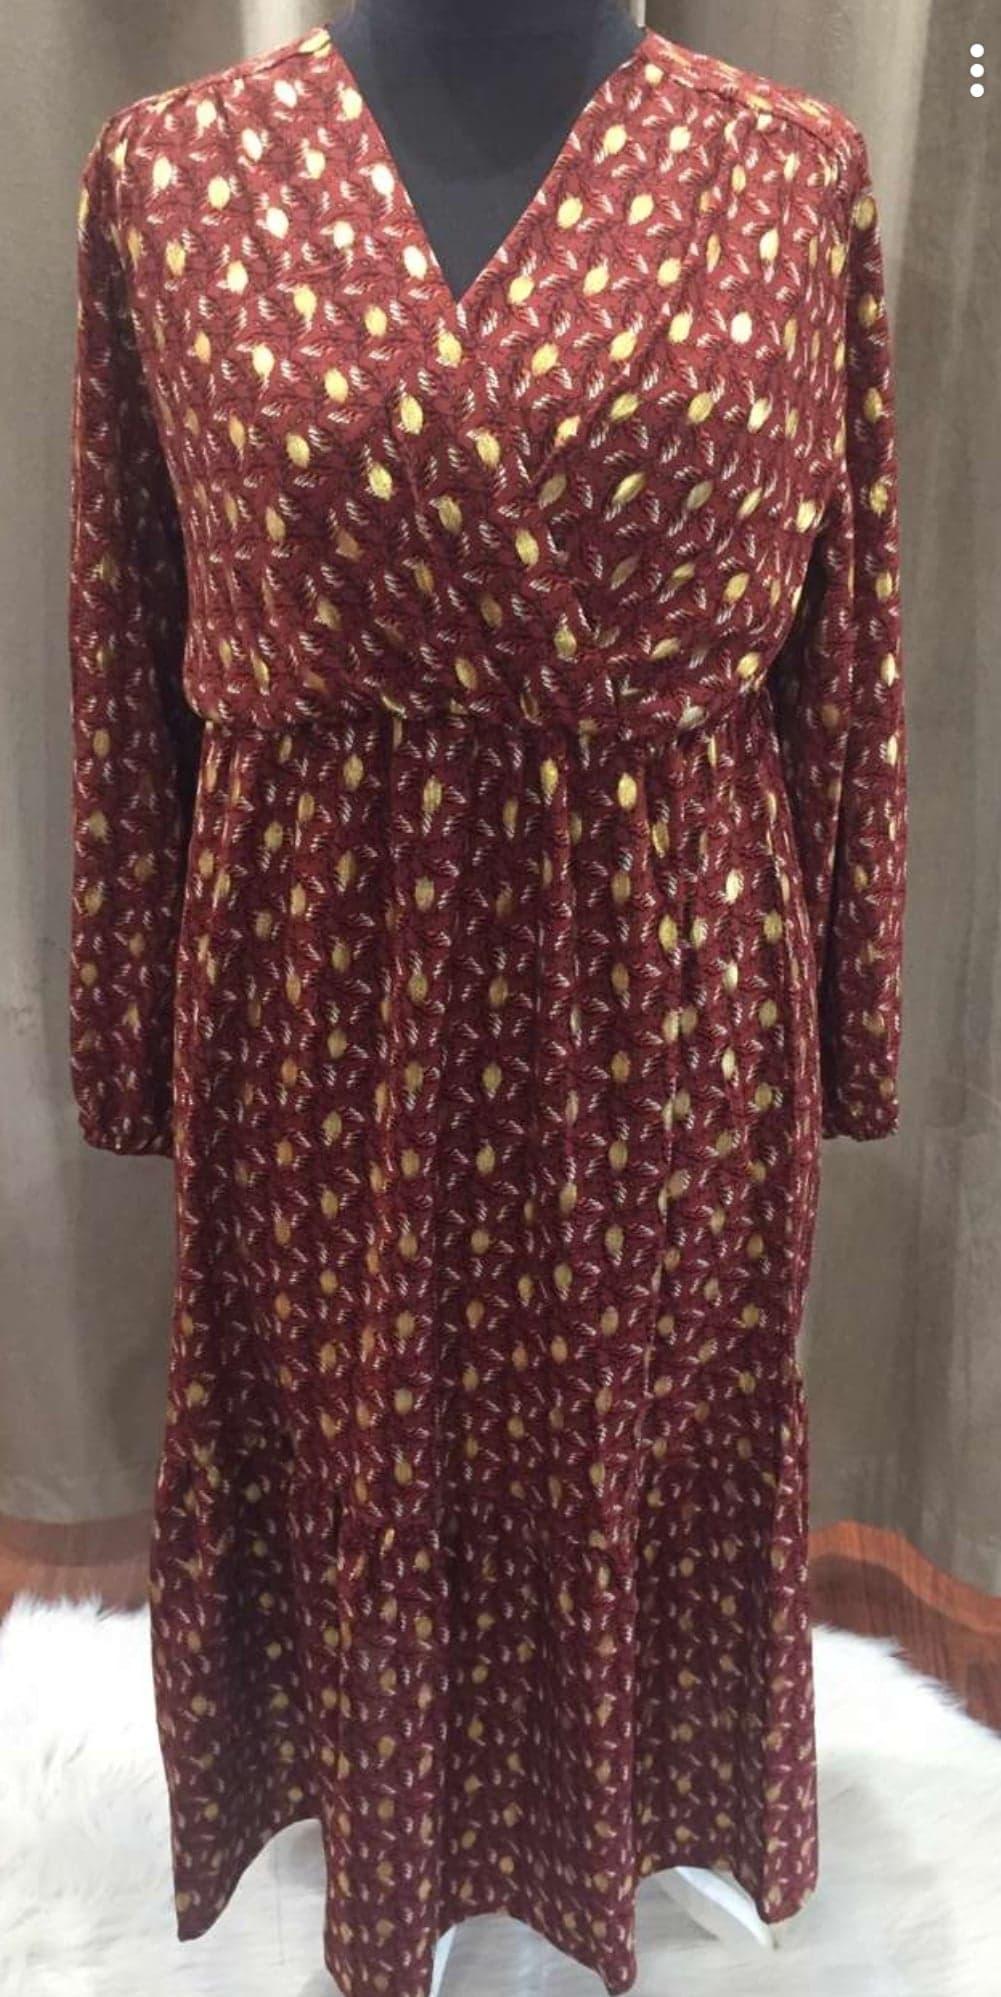 robe bordeaux - ROB_BORD_GT